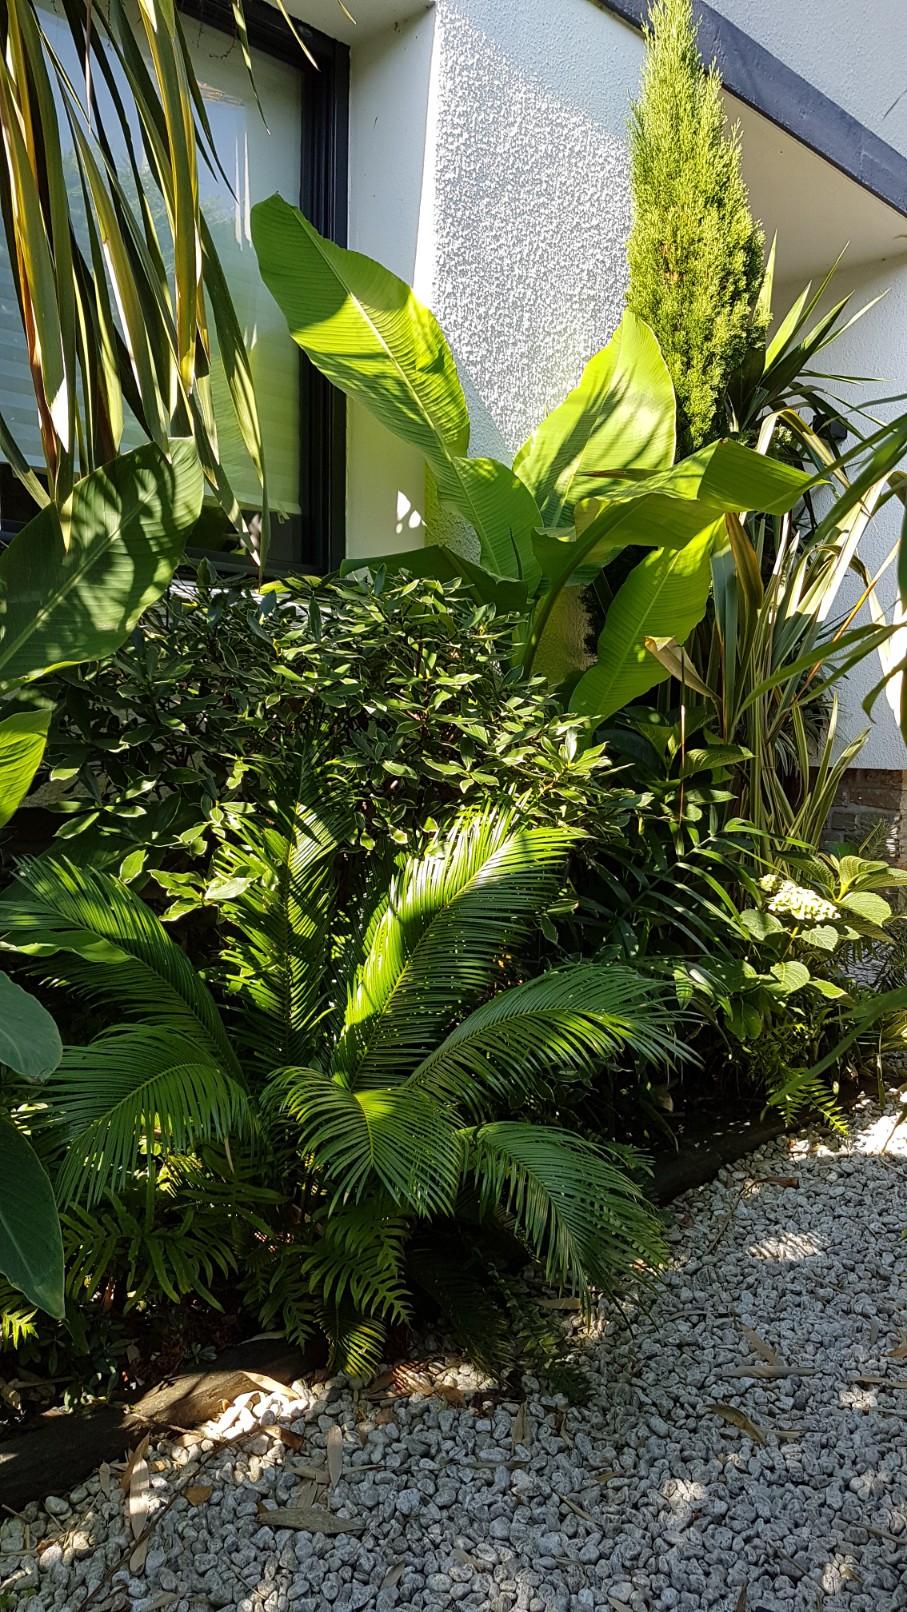 Rémi - Mon (tout) petit jardin en mode tropical - Page 9 20180942